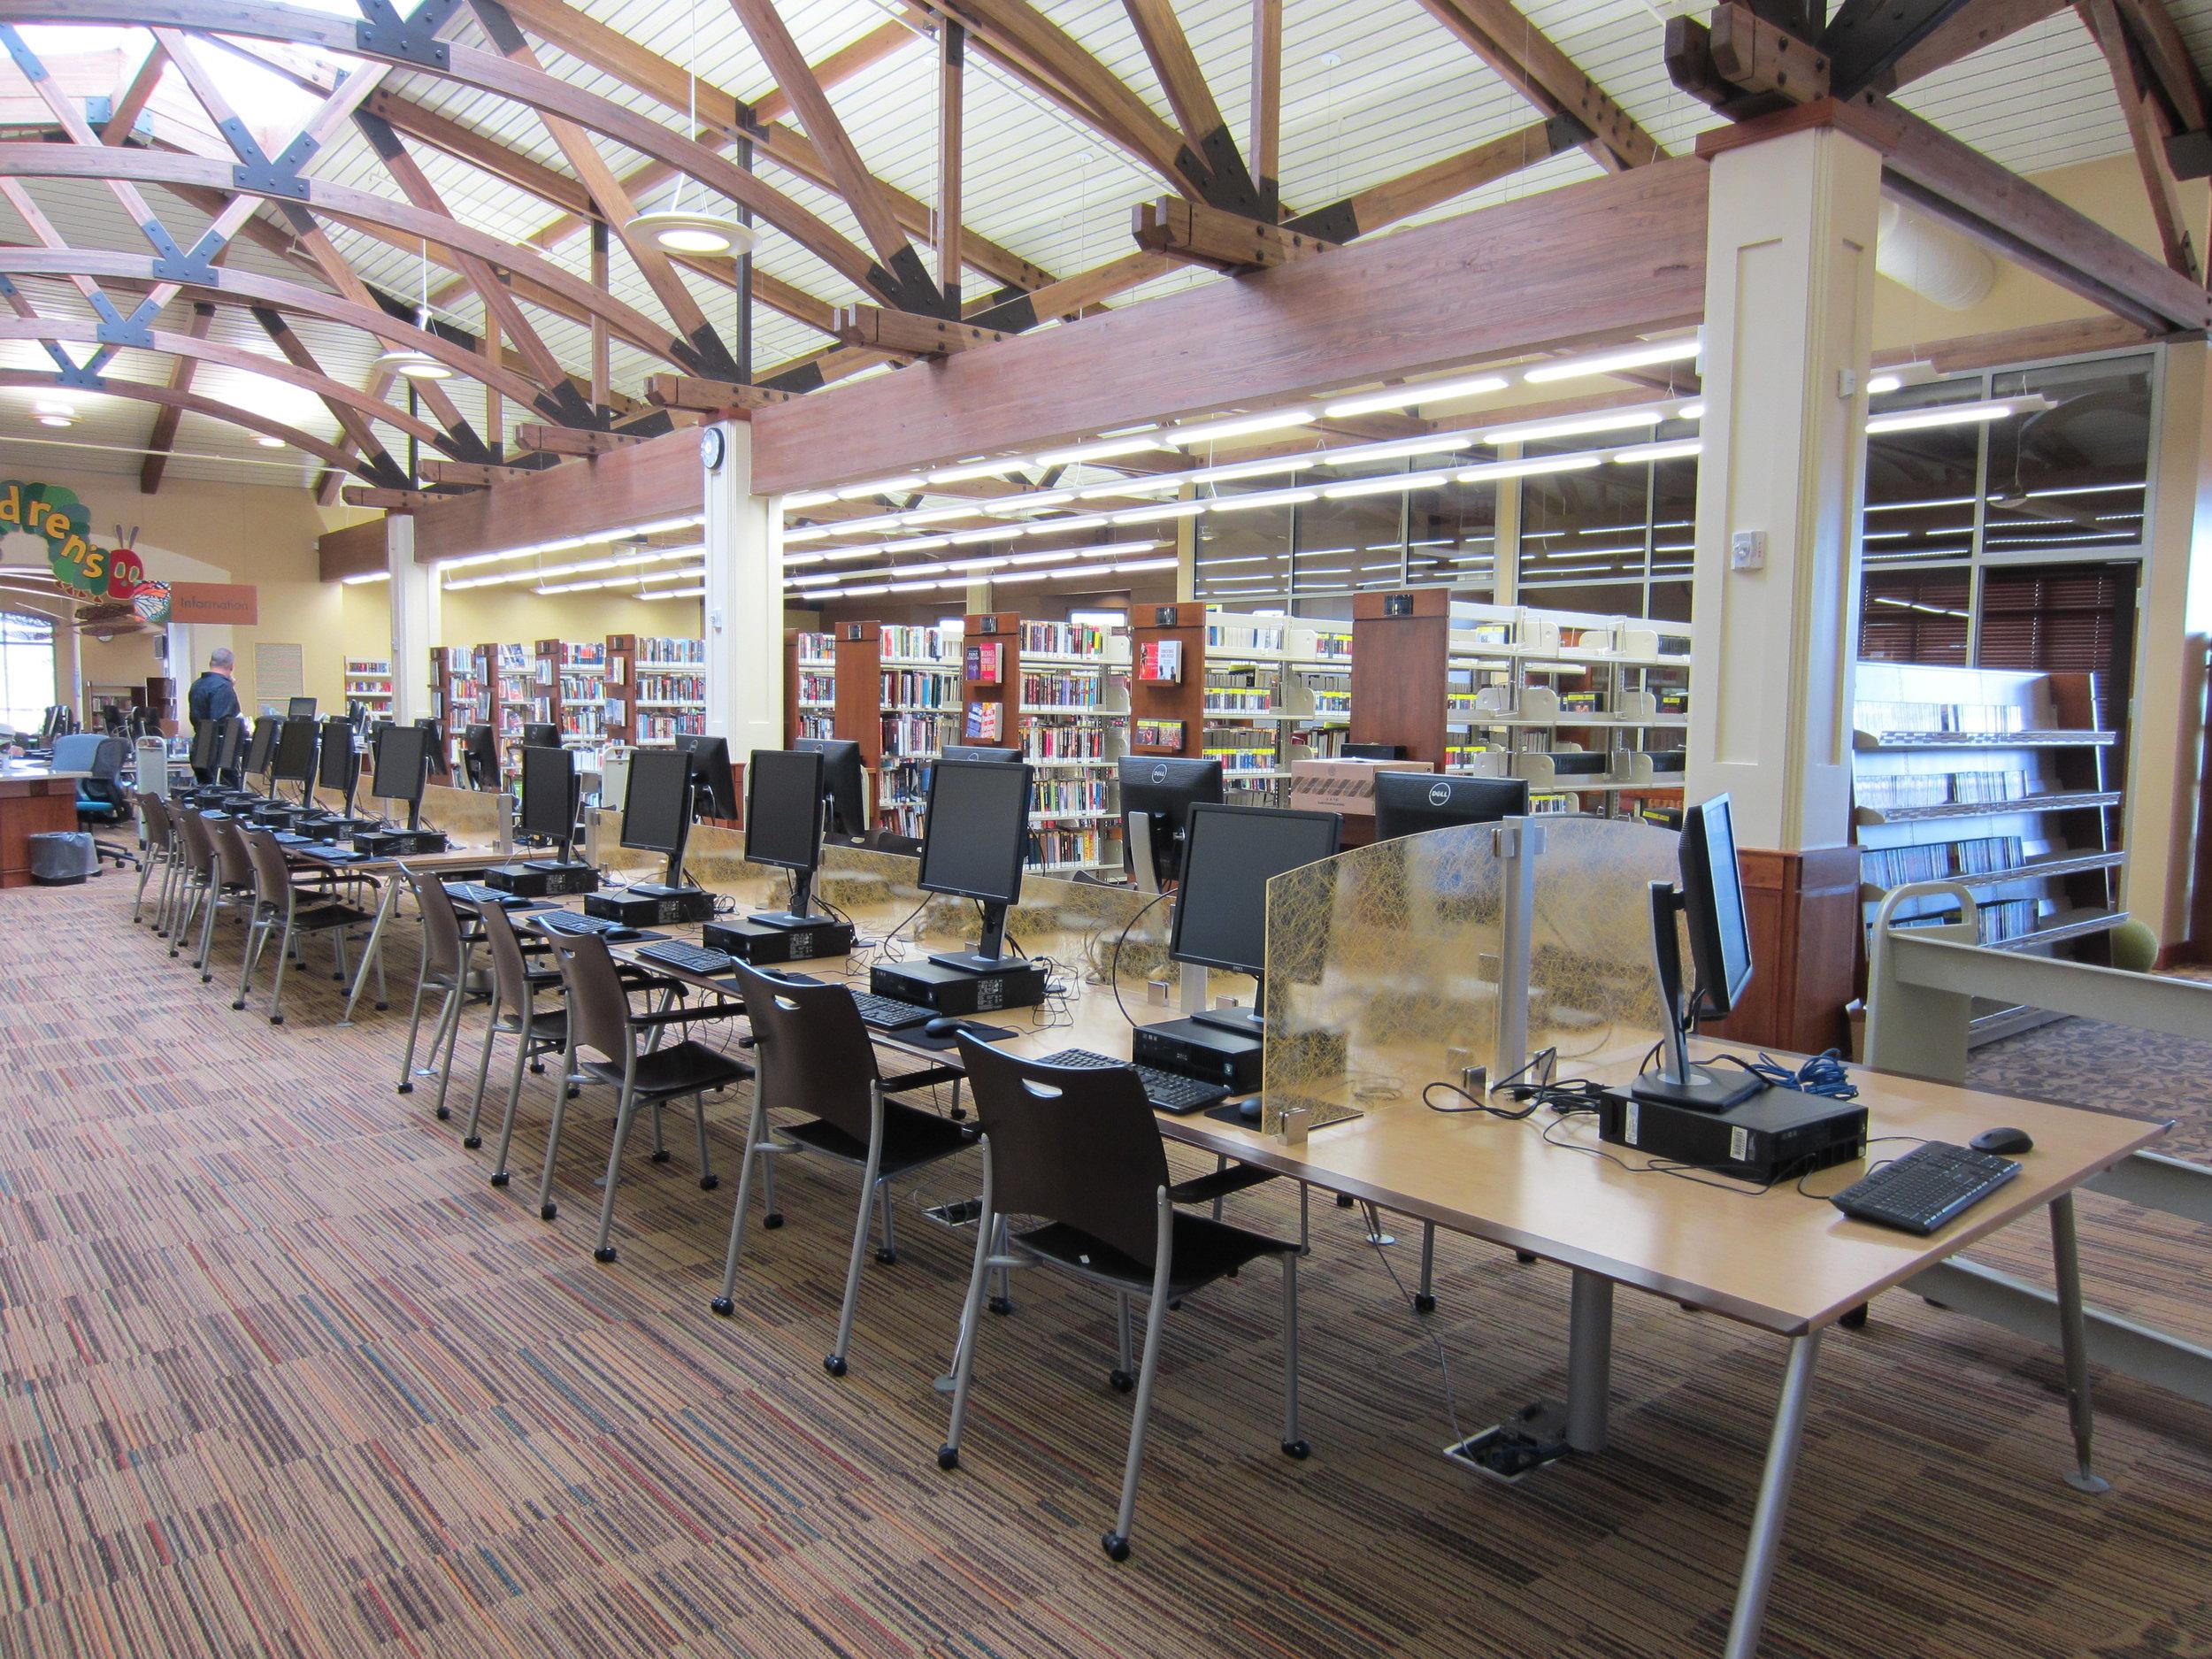 Fairwood Branch Library - Baton Rouge, LA